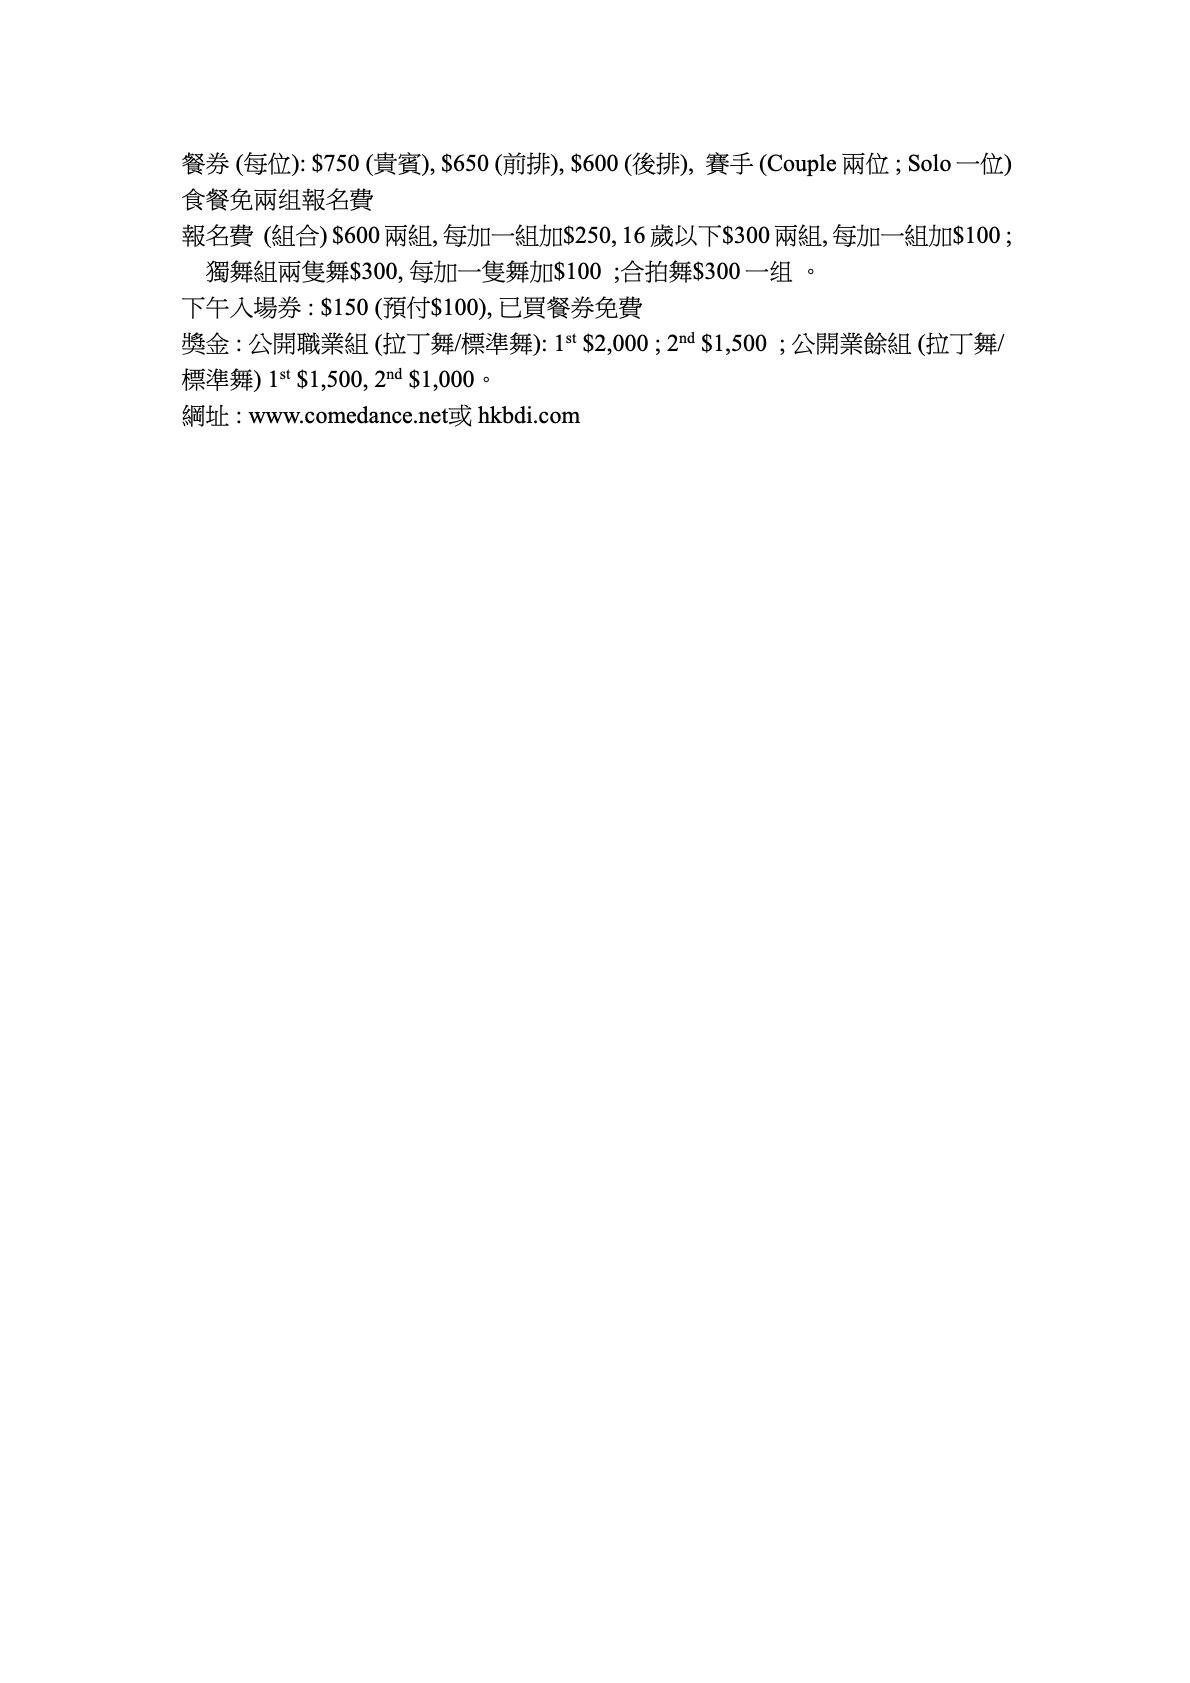 第廿二屆 精英錦標賽中文報名表2